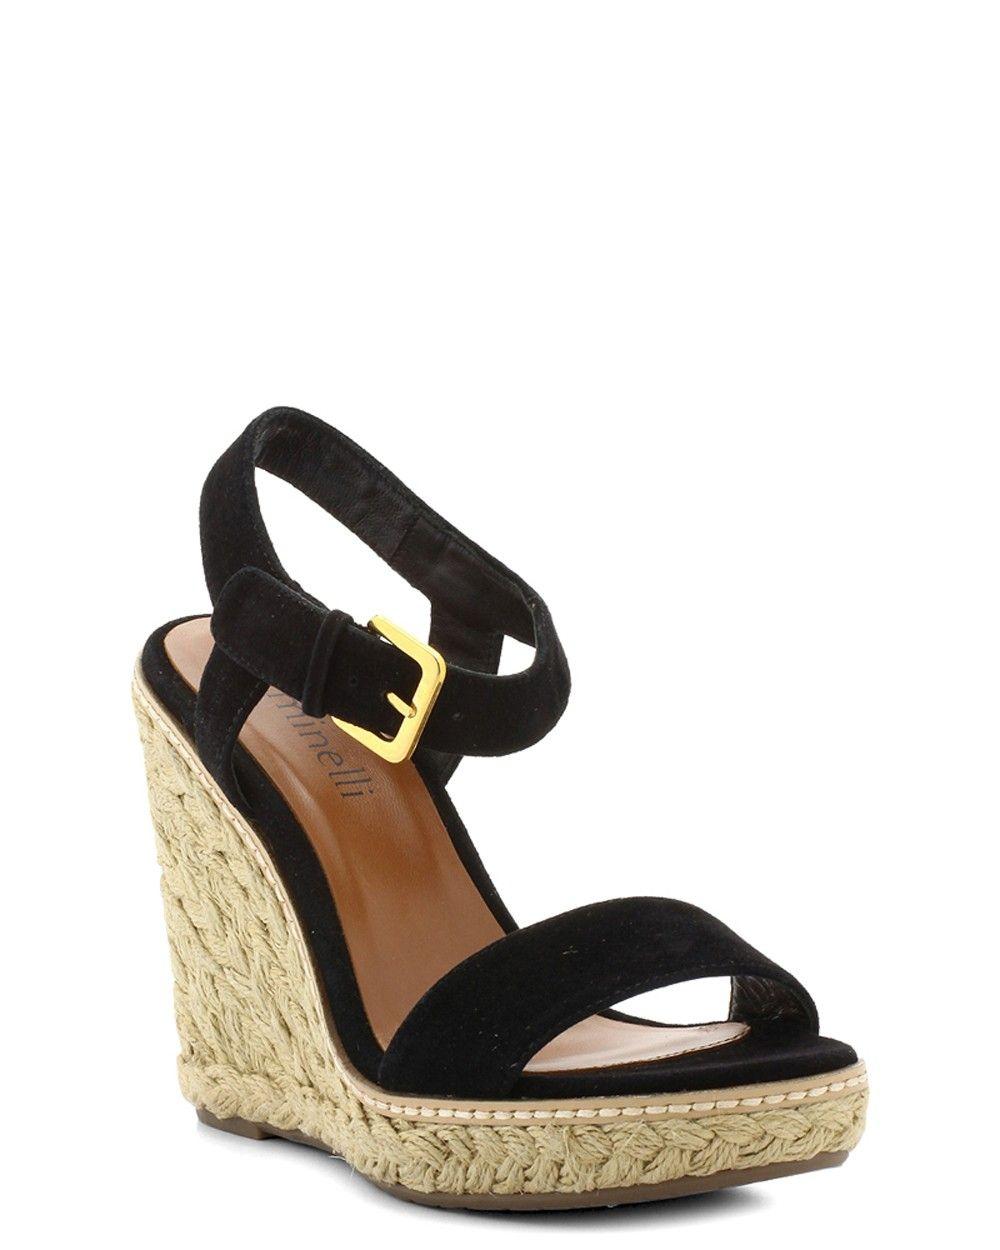 Printemps Eté Compensé Compensés Chaussures Femme Camilla ALqc45Rj3